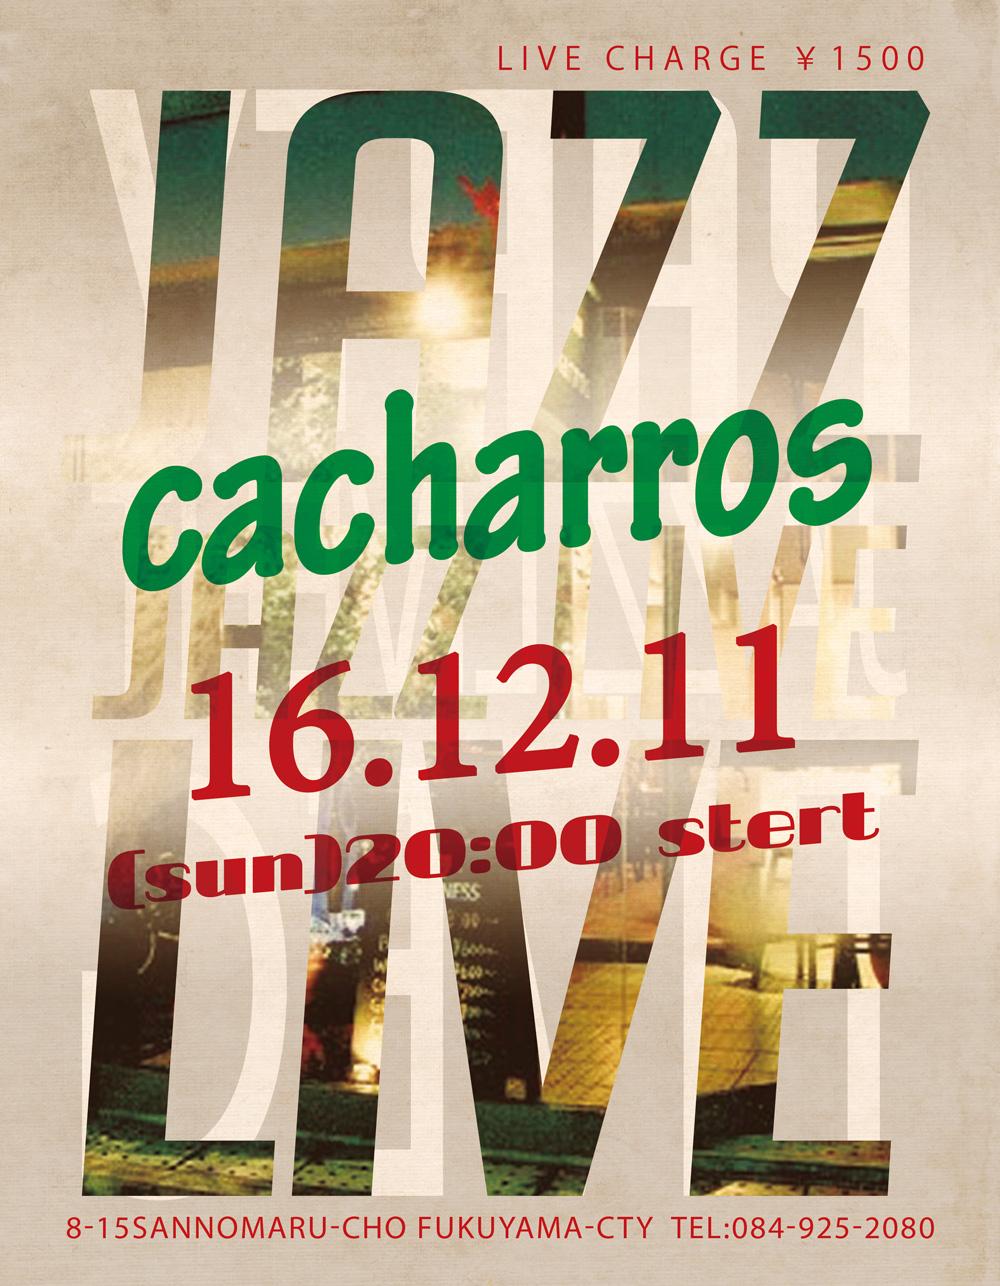 「カチャロス」から12月のJAZZ LIVEのお知らせ